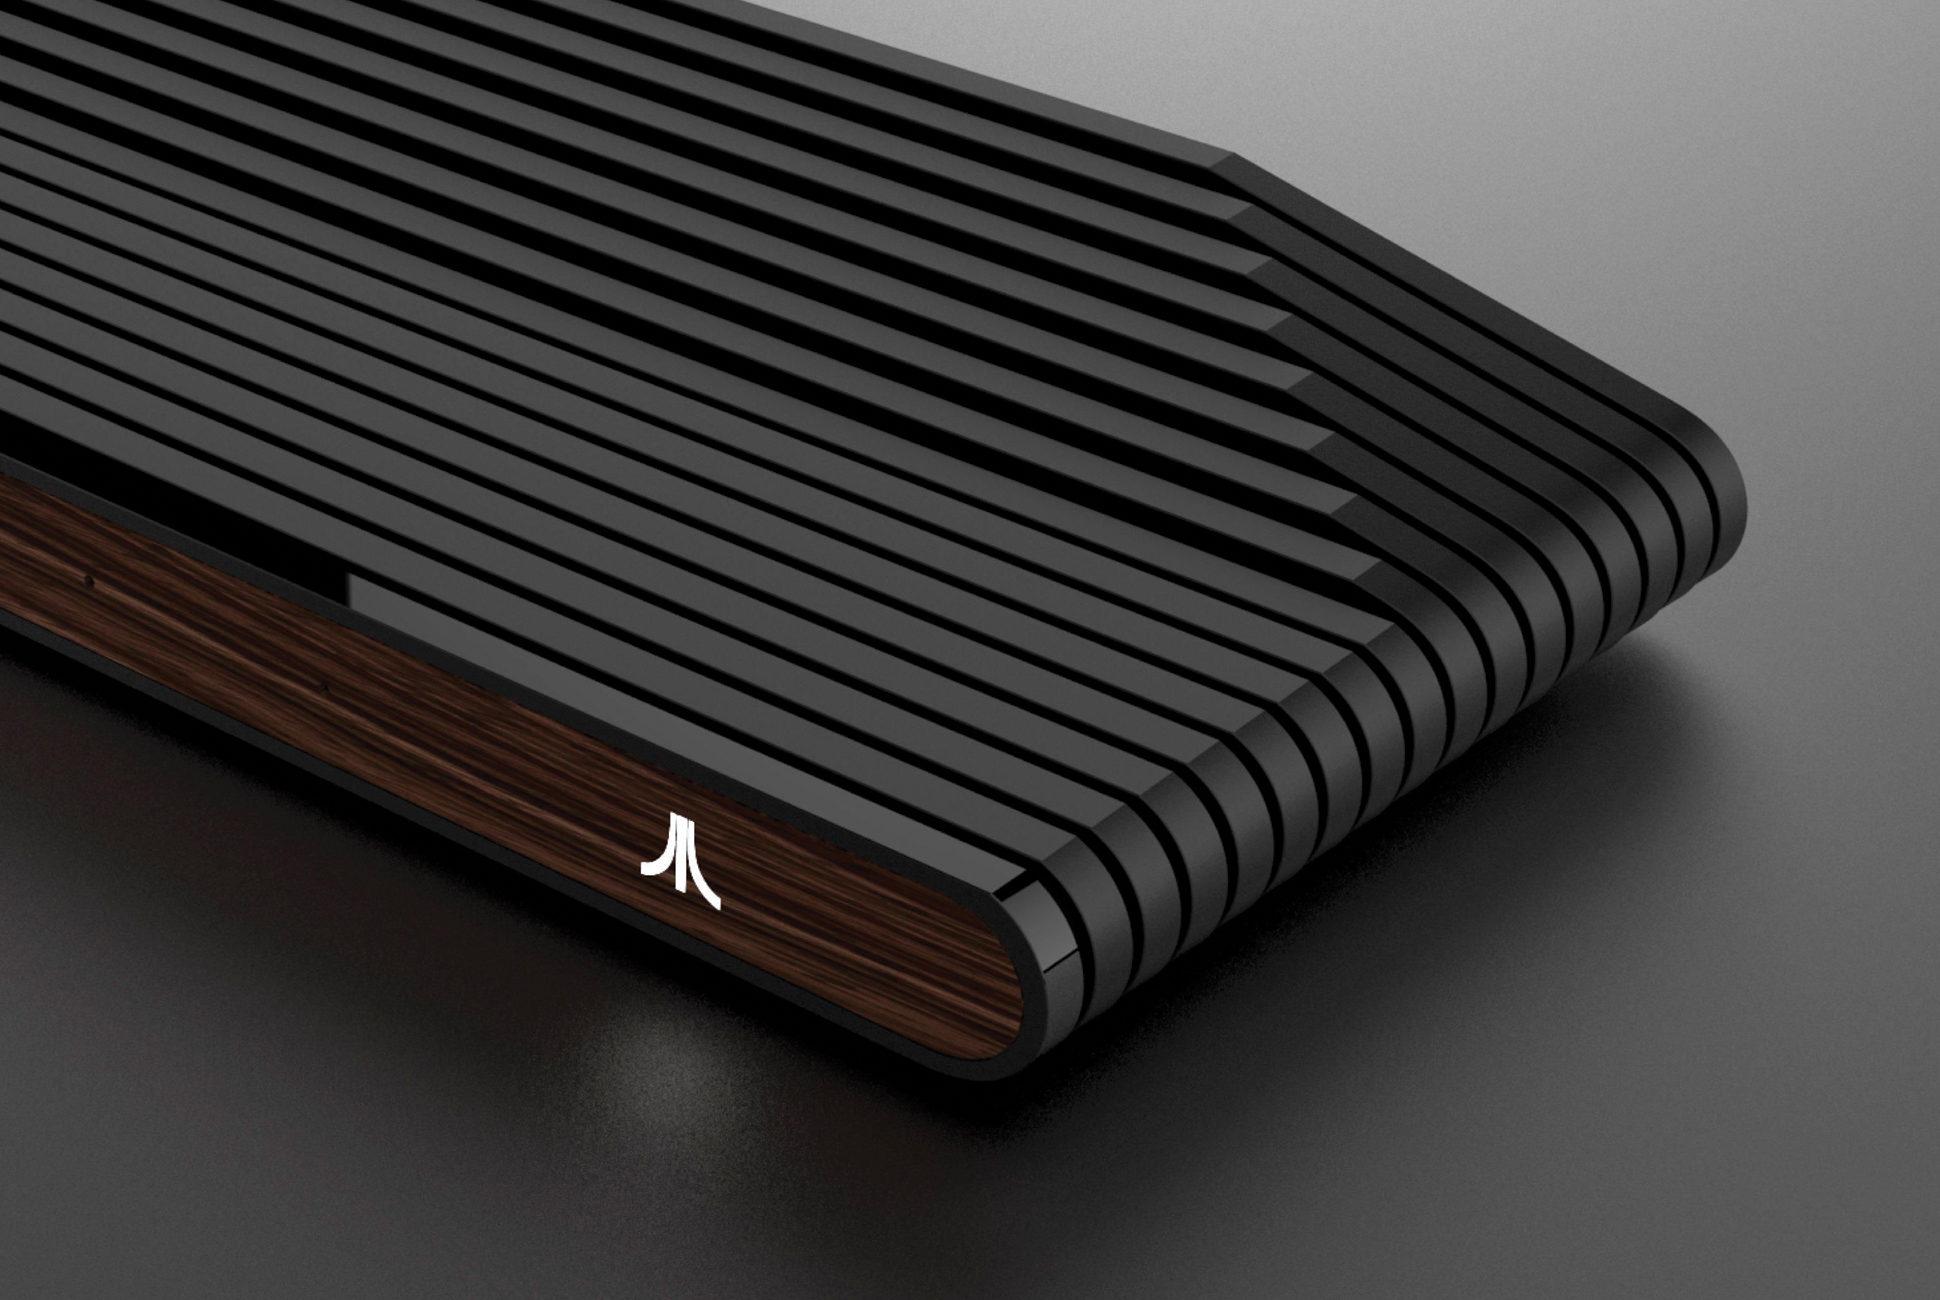 Console Ataribox lato legno